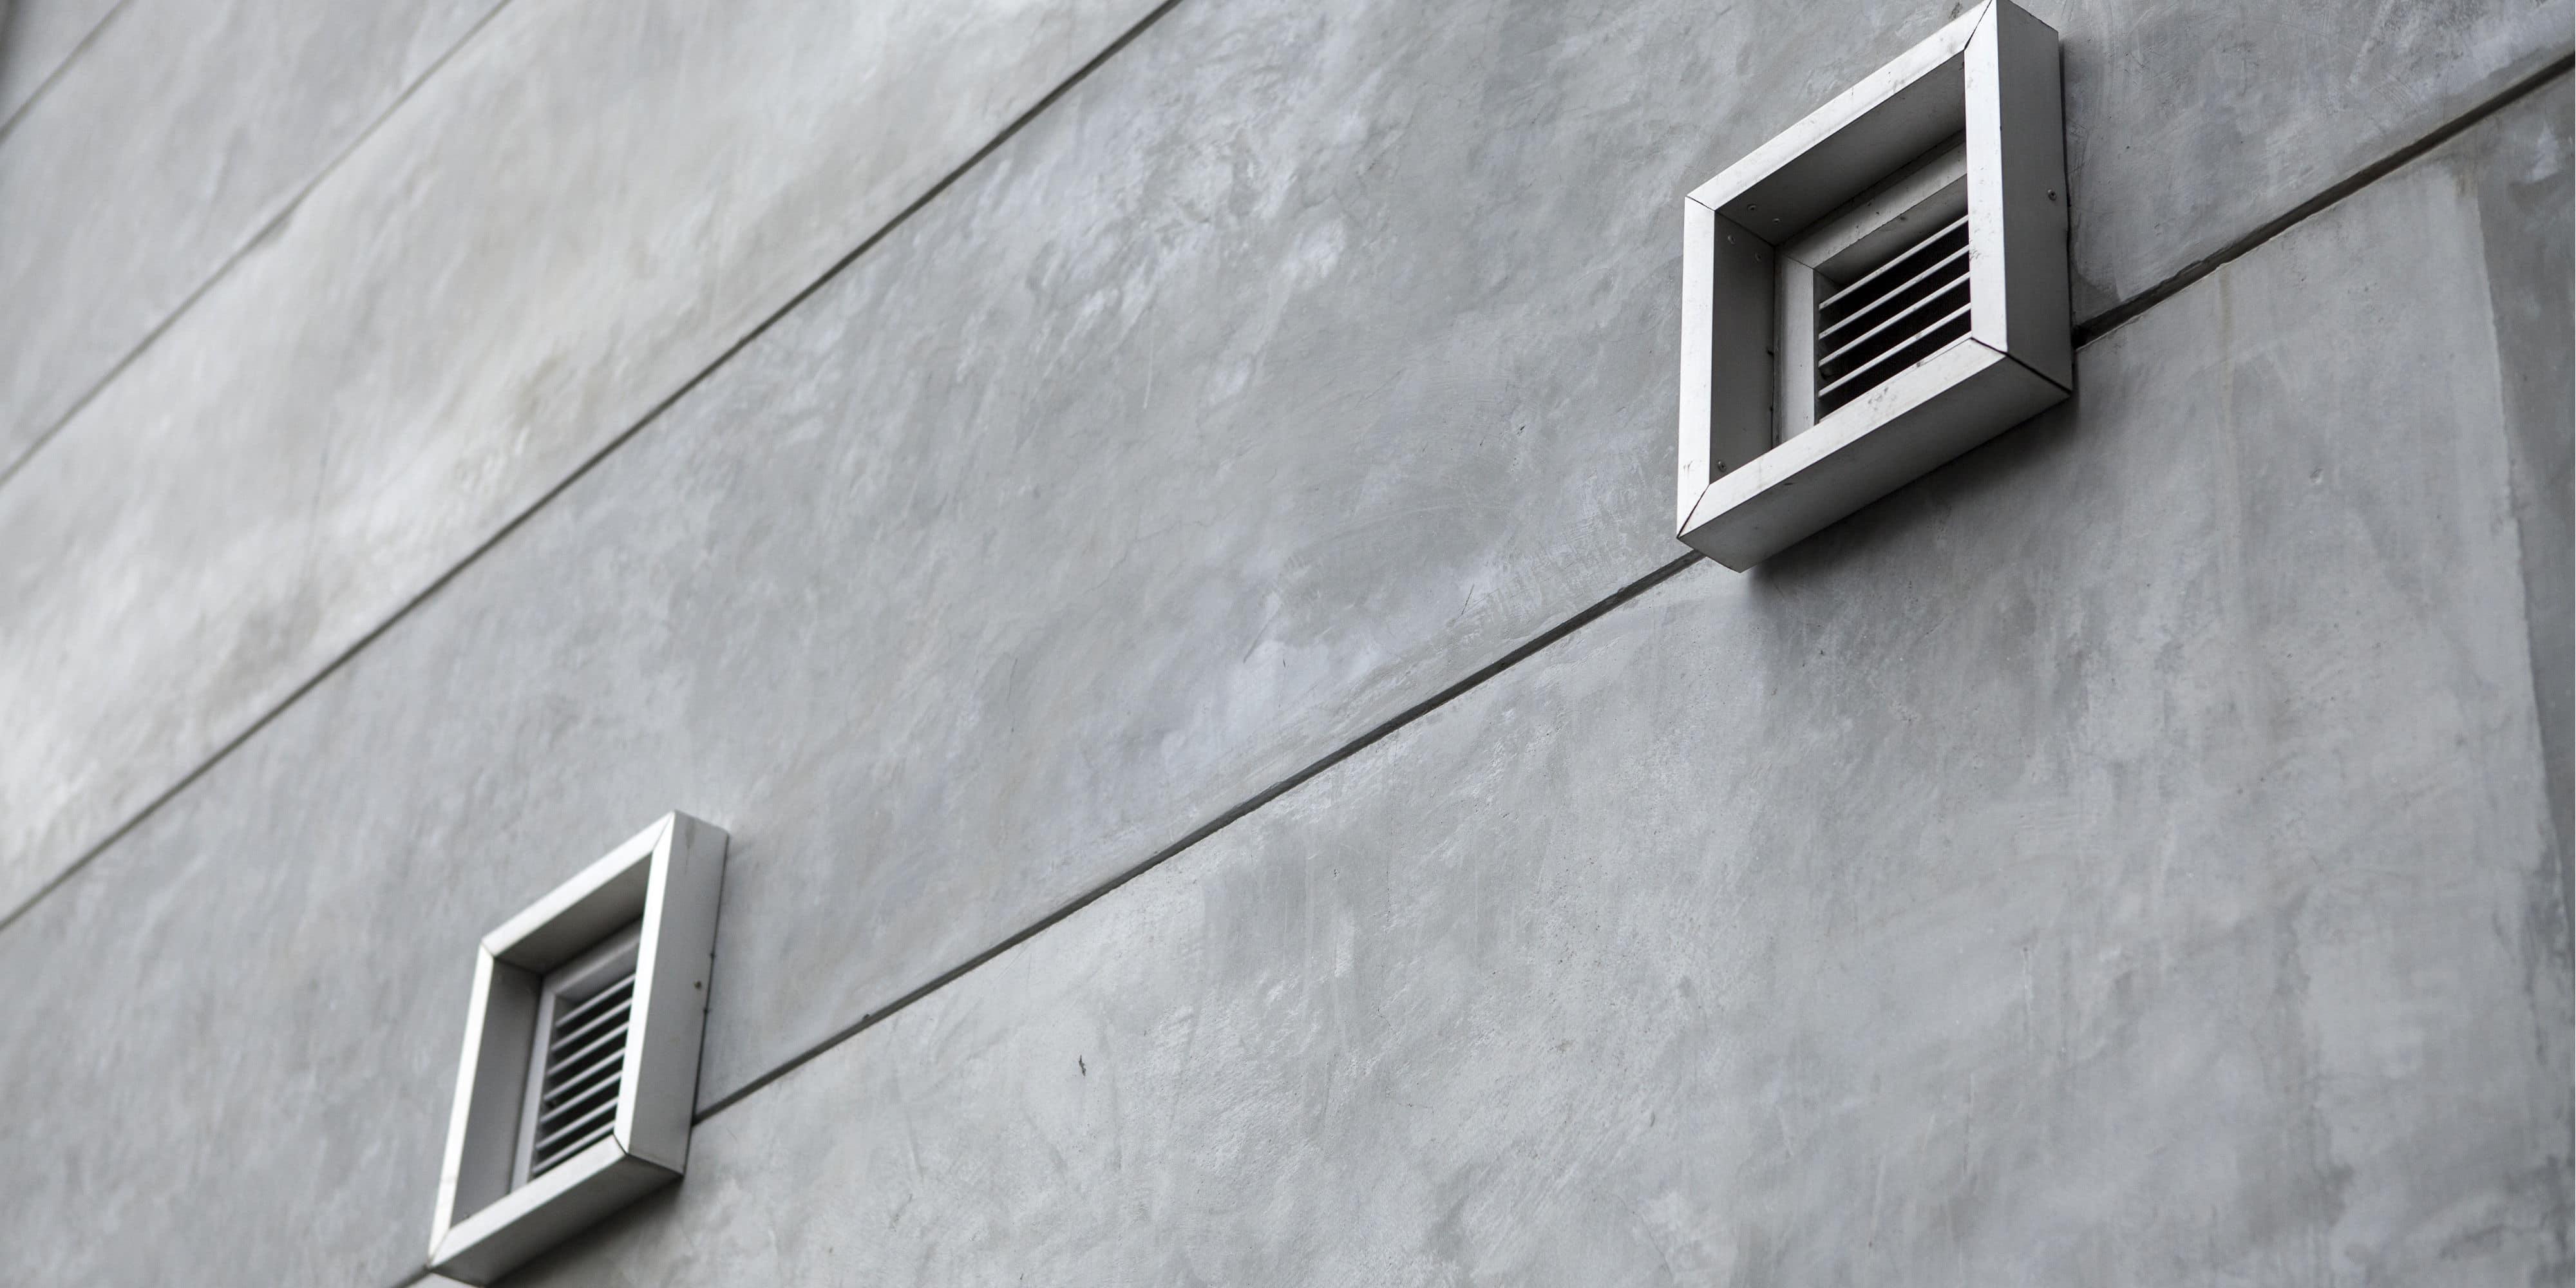 geluid ventilatiesysteem